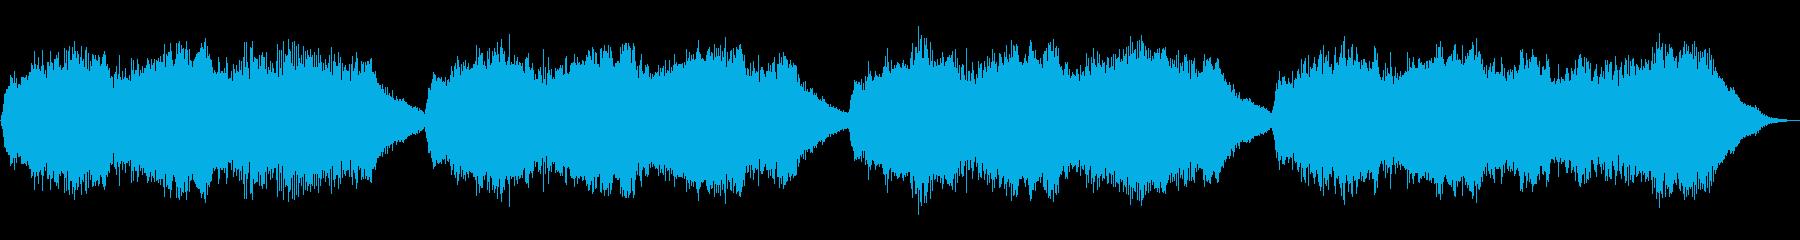 テーマ「目覚めた朝」30秒BGMの再生済みの波形